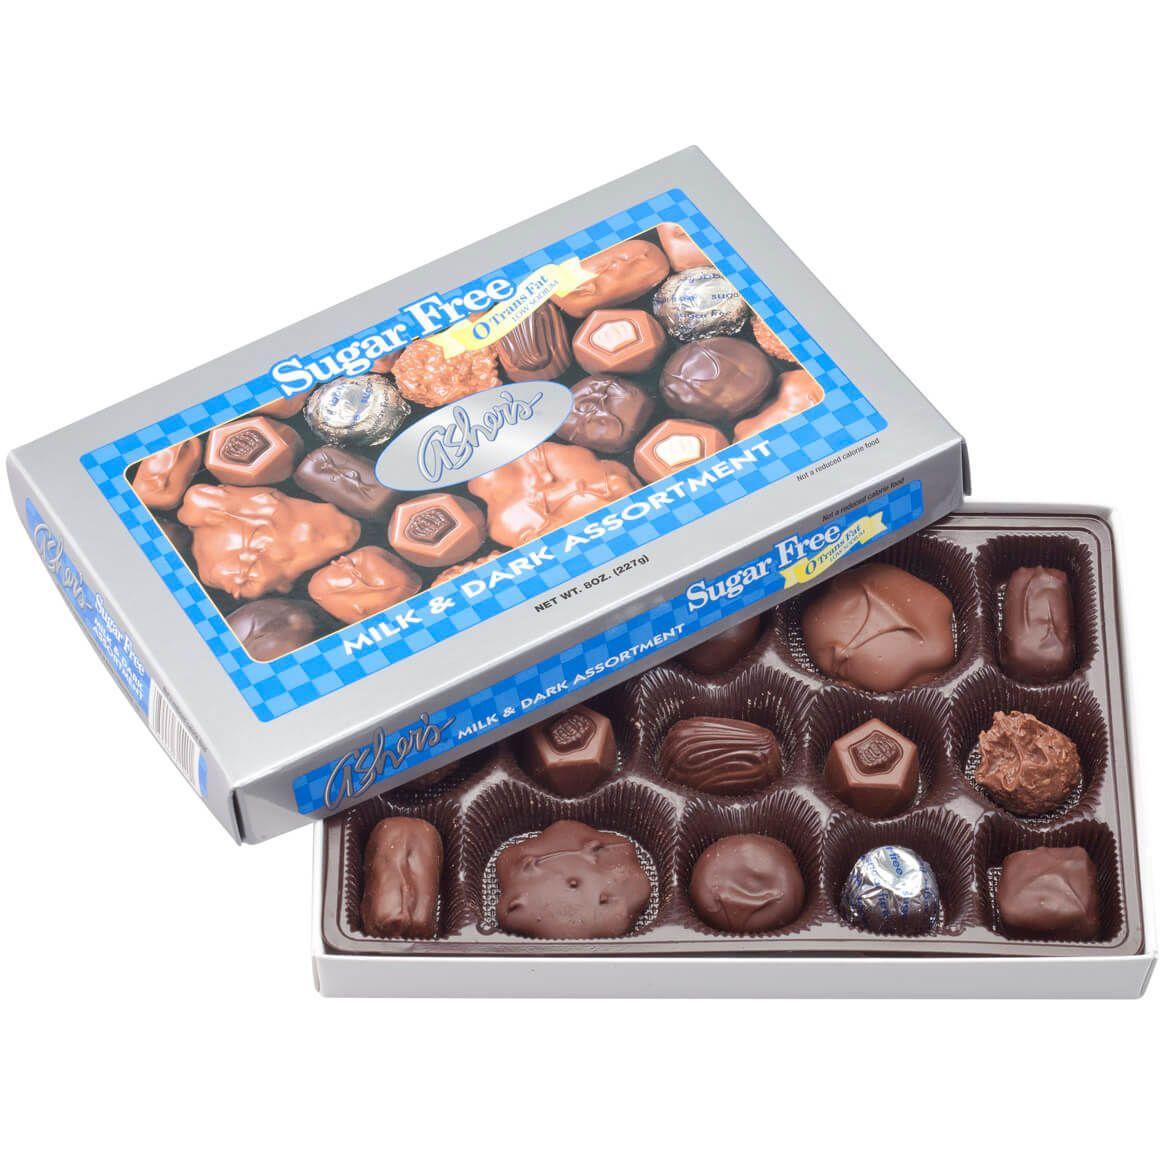 Sugar Free Milk and Dark Assortment Box, 8 oz.-346732